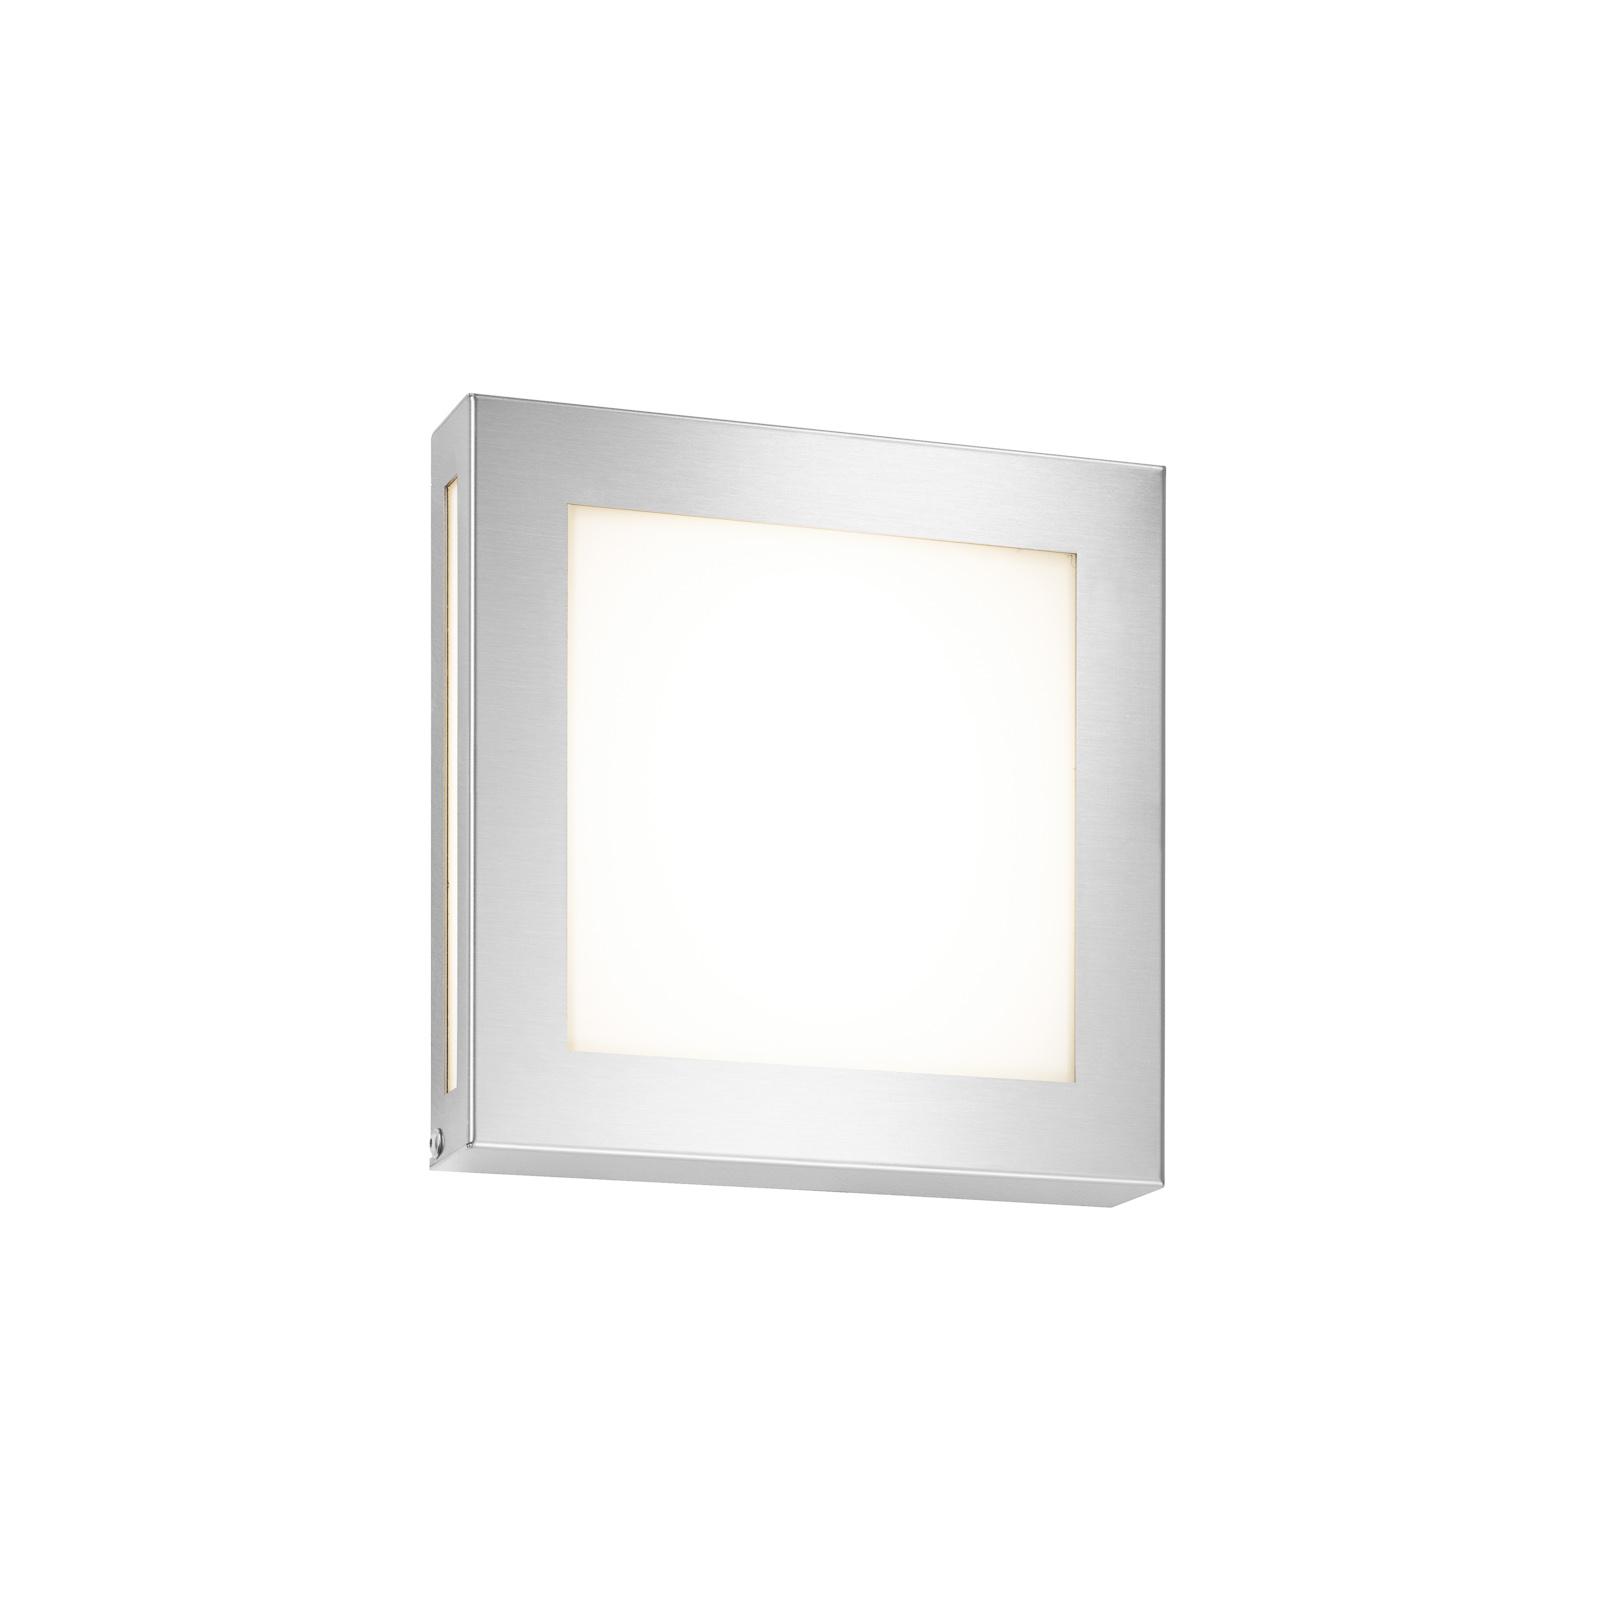 LED-utomhusvägglampa Legendo Mini, rostfritt stål